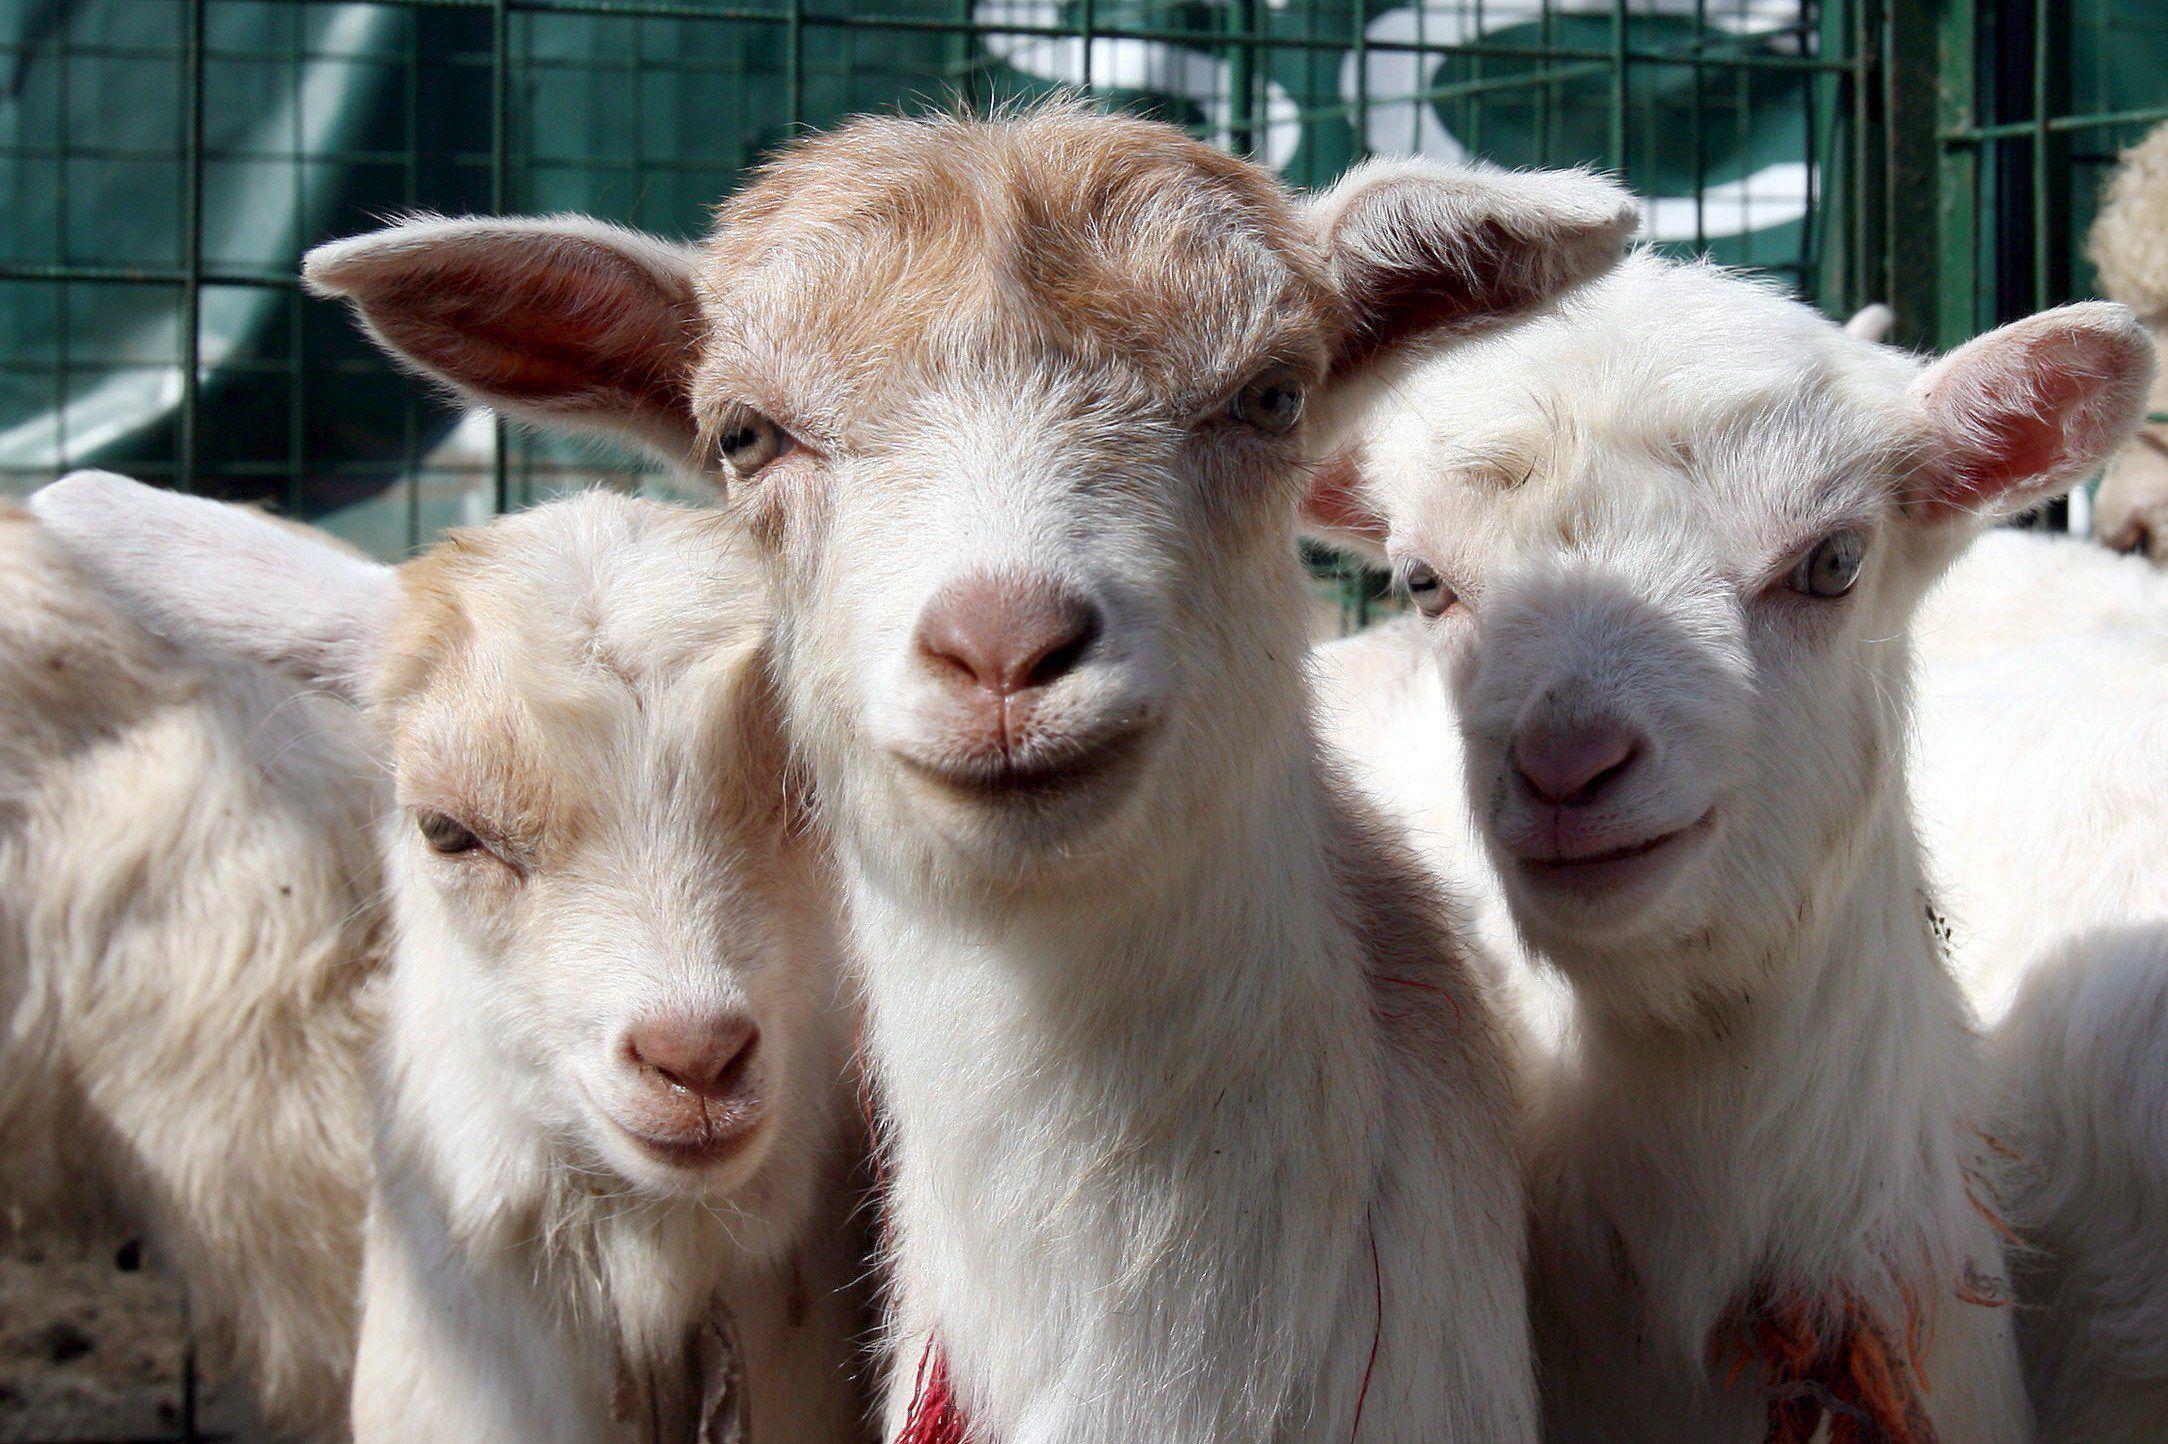 perché si dice questione di lana caprina